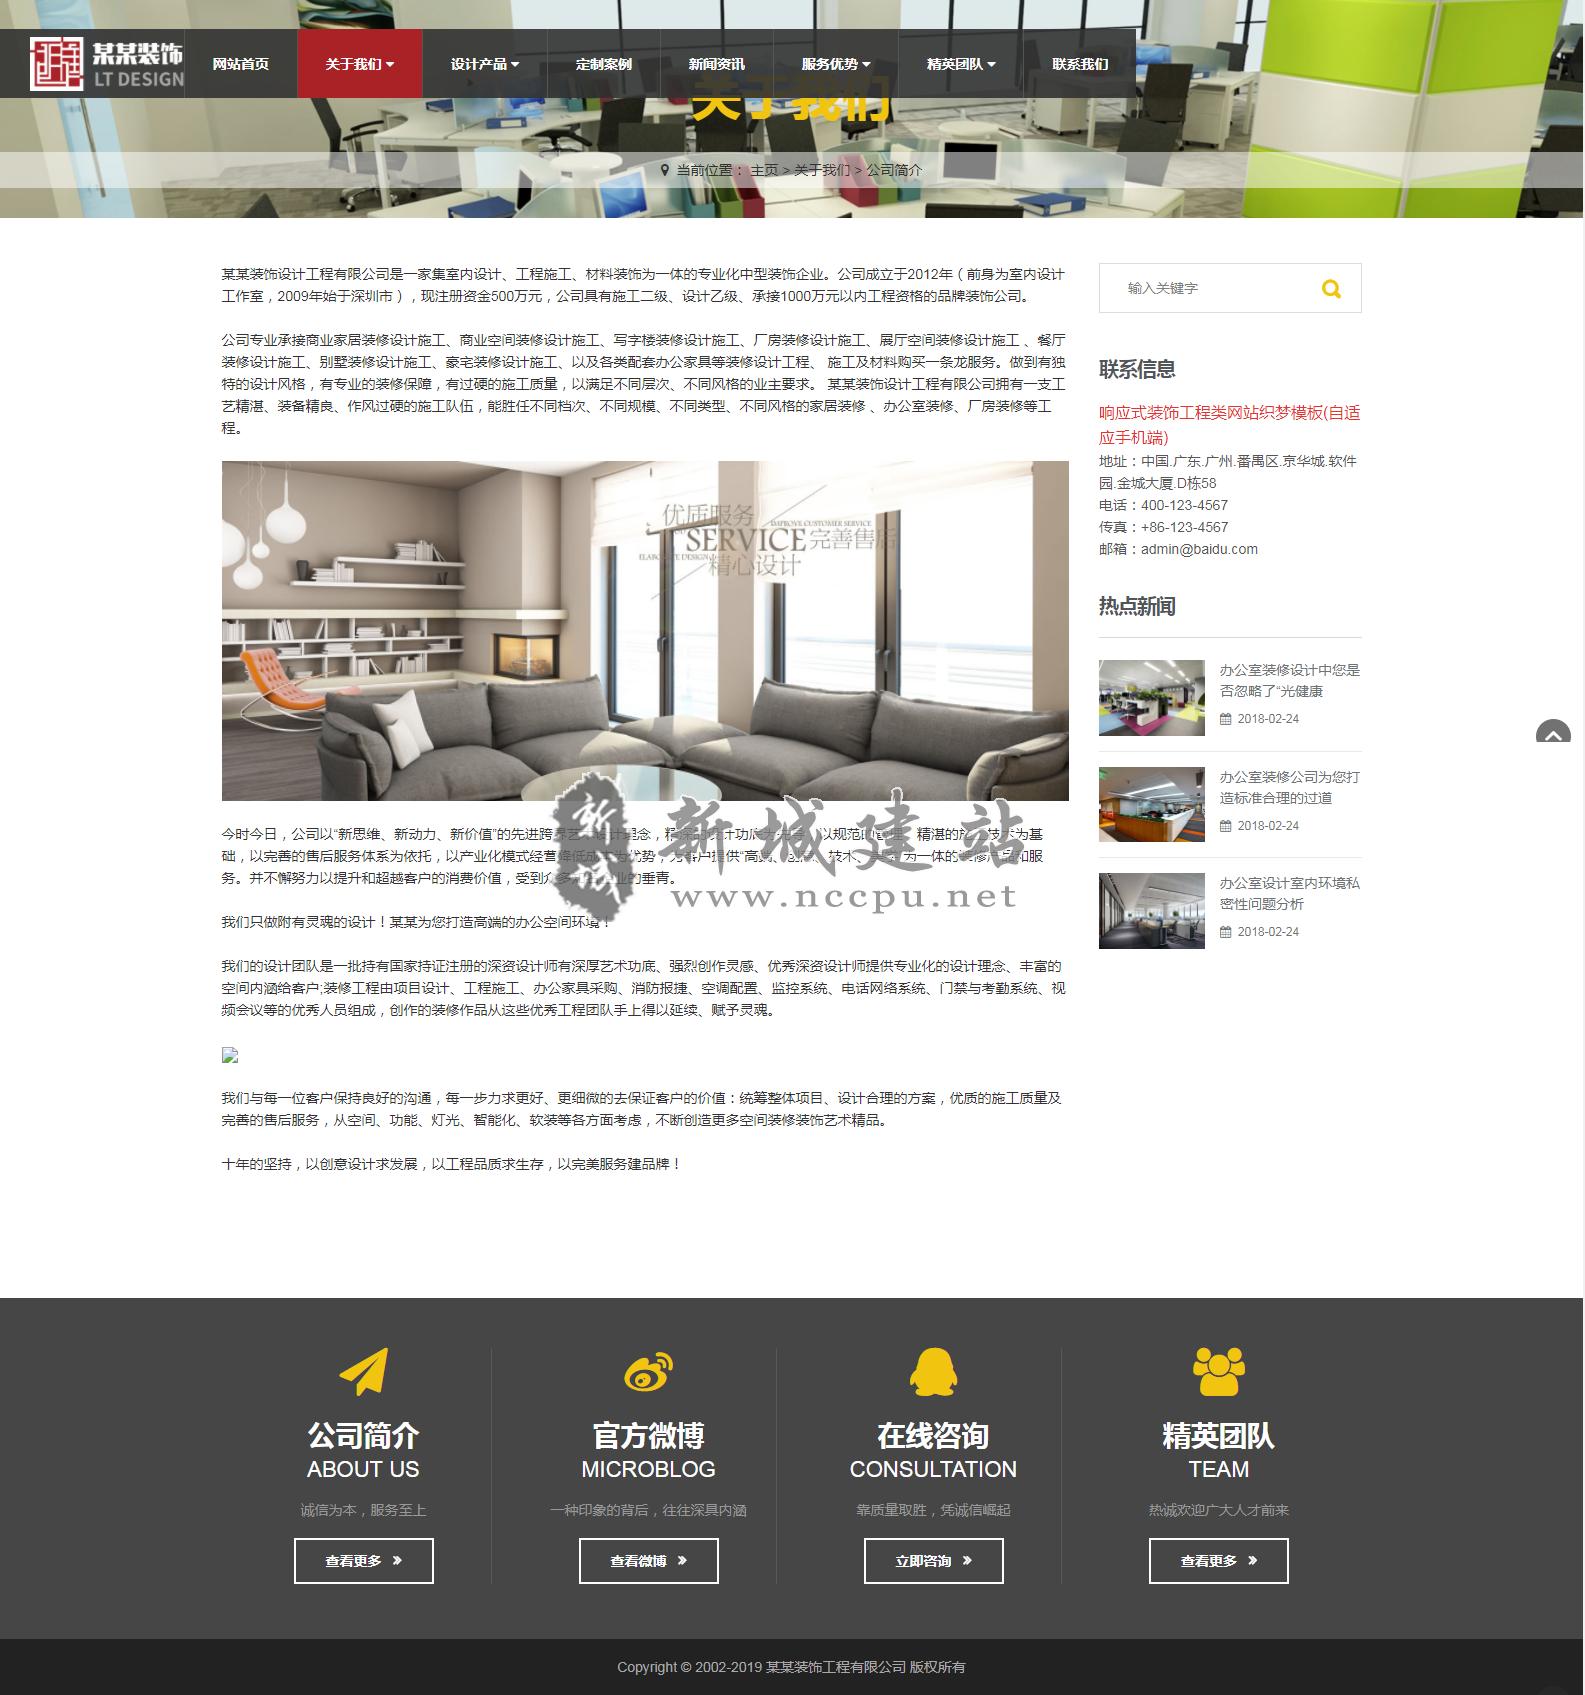 响应式企业装饰工程类公司网站关于我们